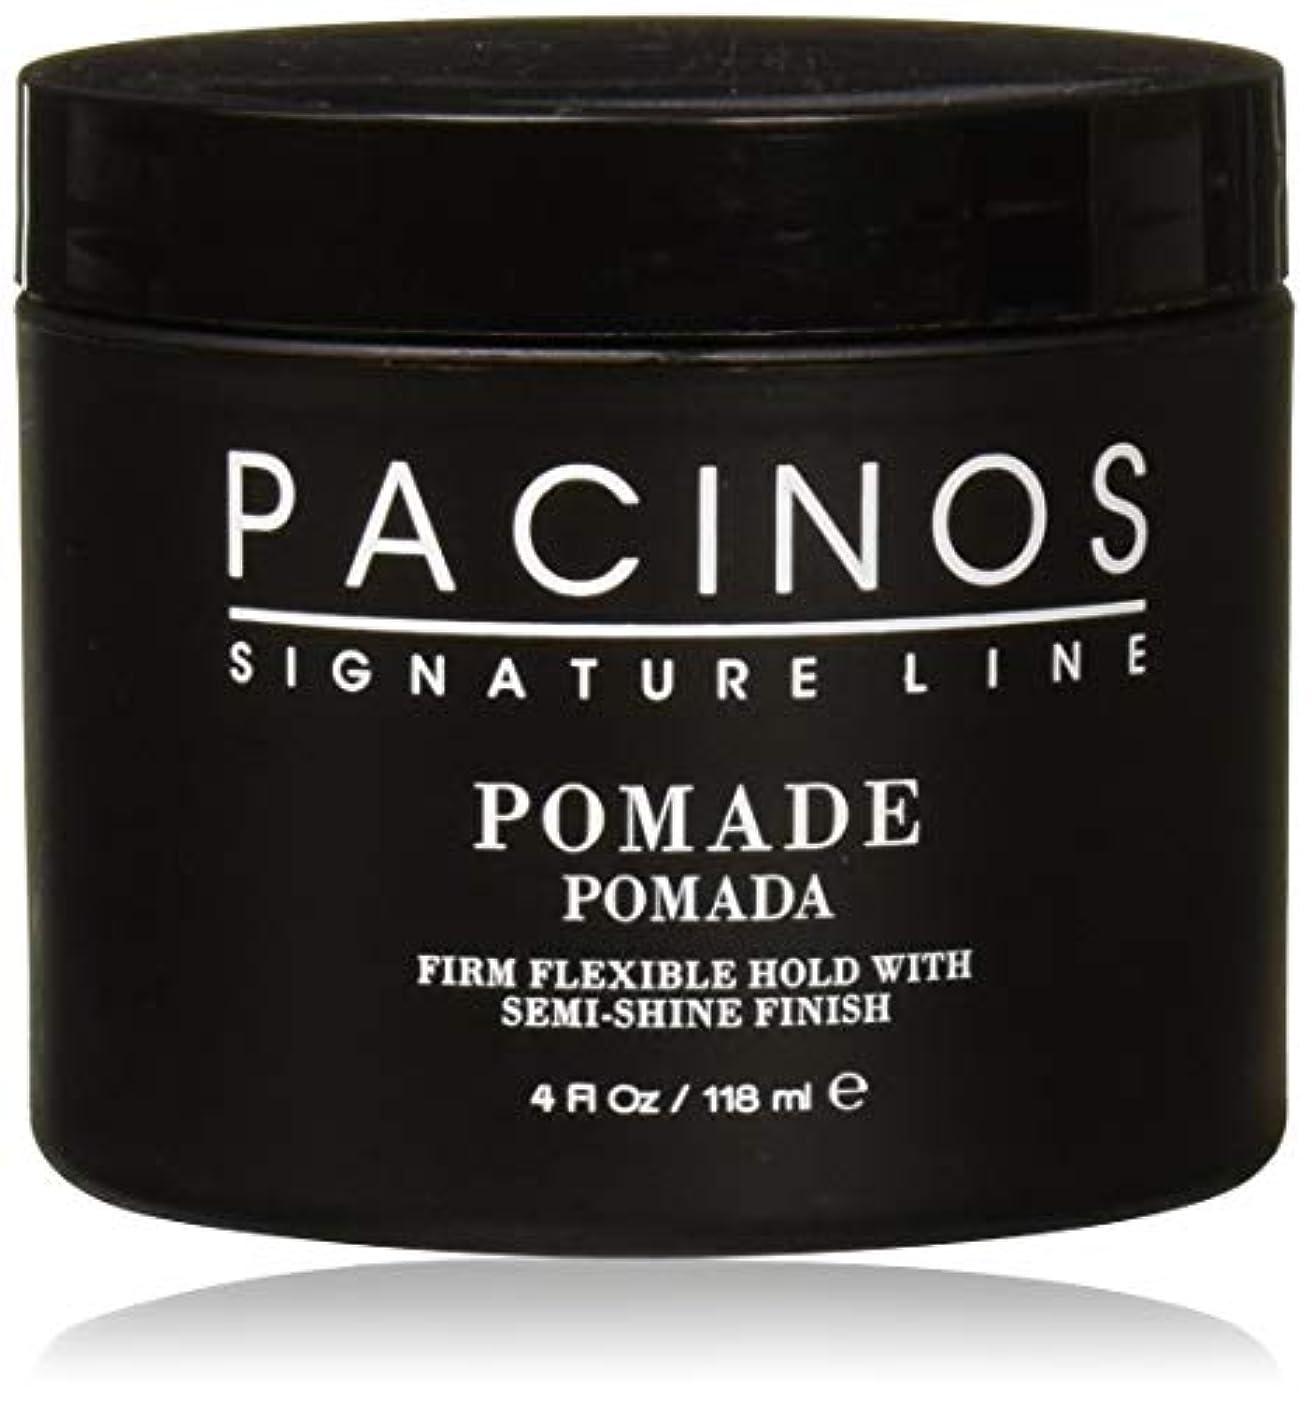 自治的飛躍ブロックするPacinos Pomade パチーノス?ポマード【日本正規品】4oz(118g)